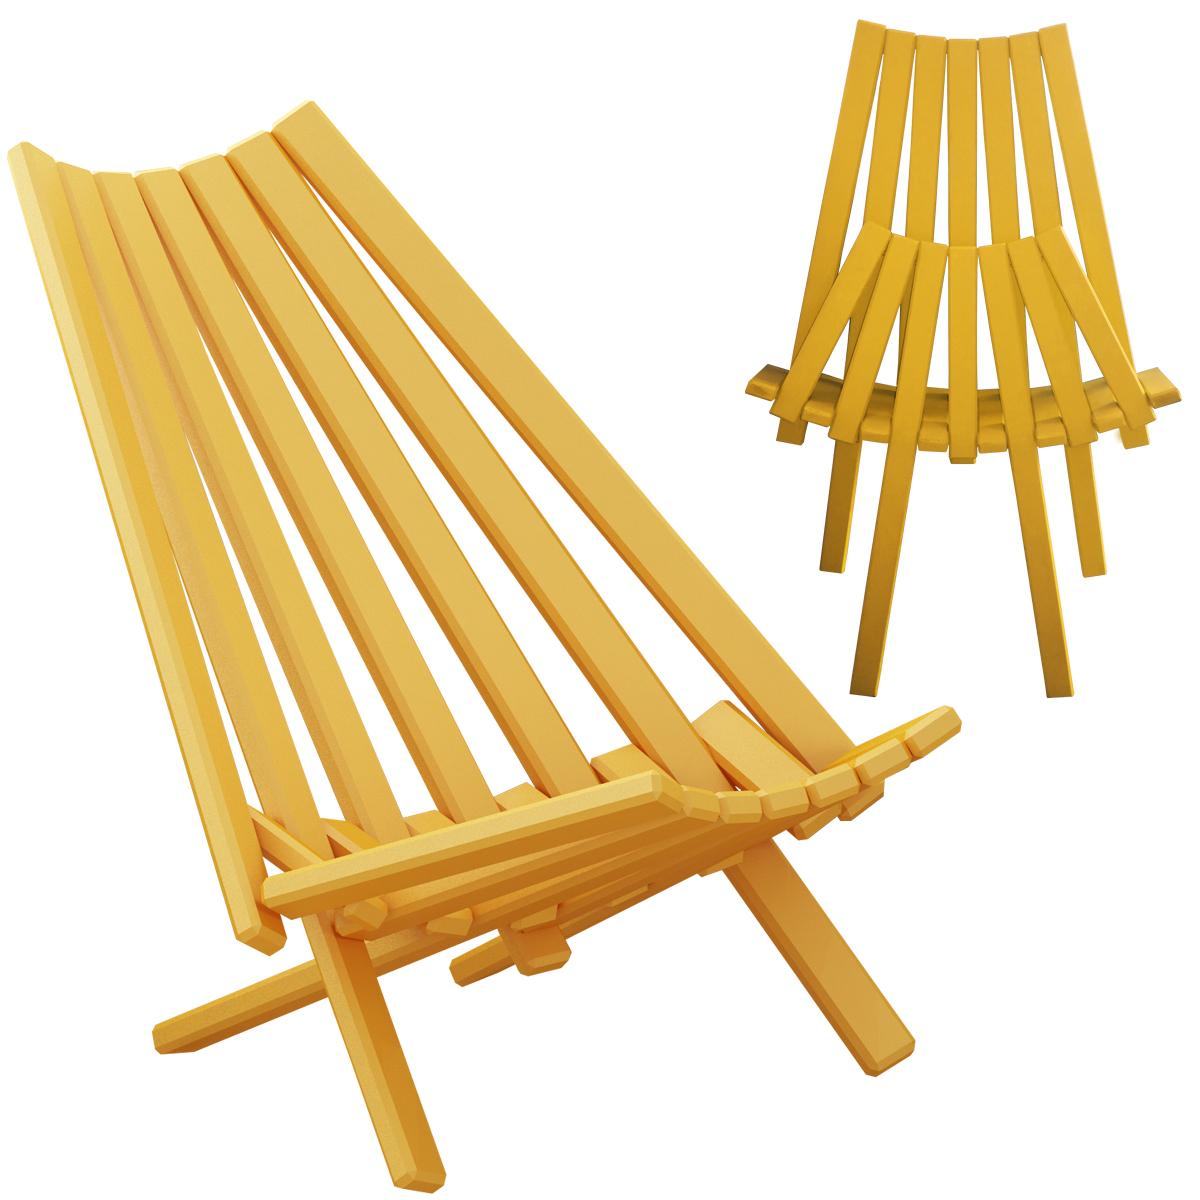 cadeira varanda dobravel ripada madeira cadeirapraia #B04E0A 1200x1200